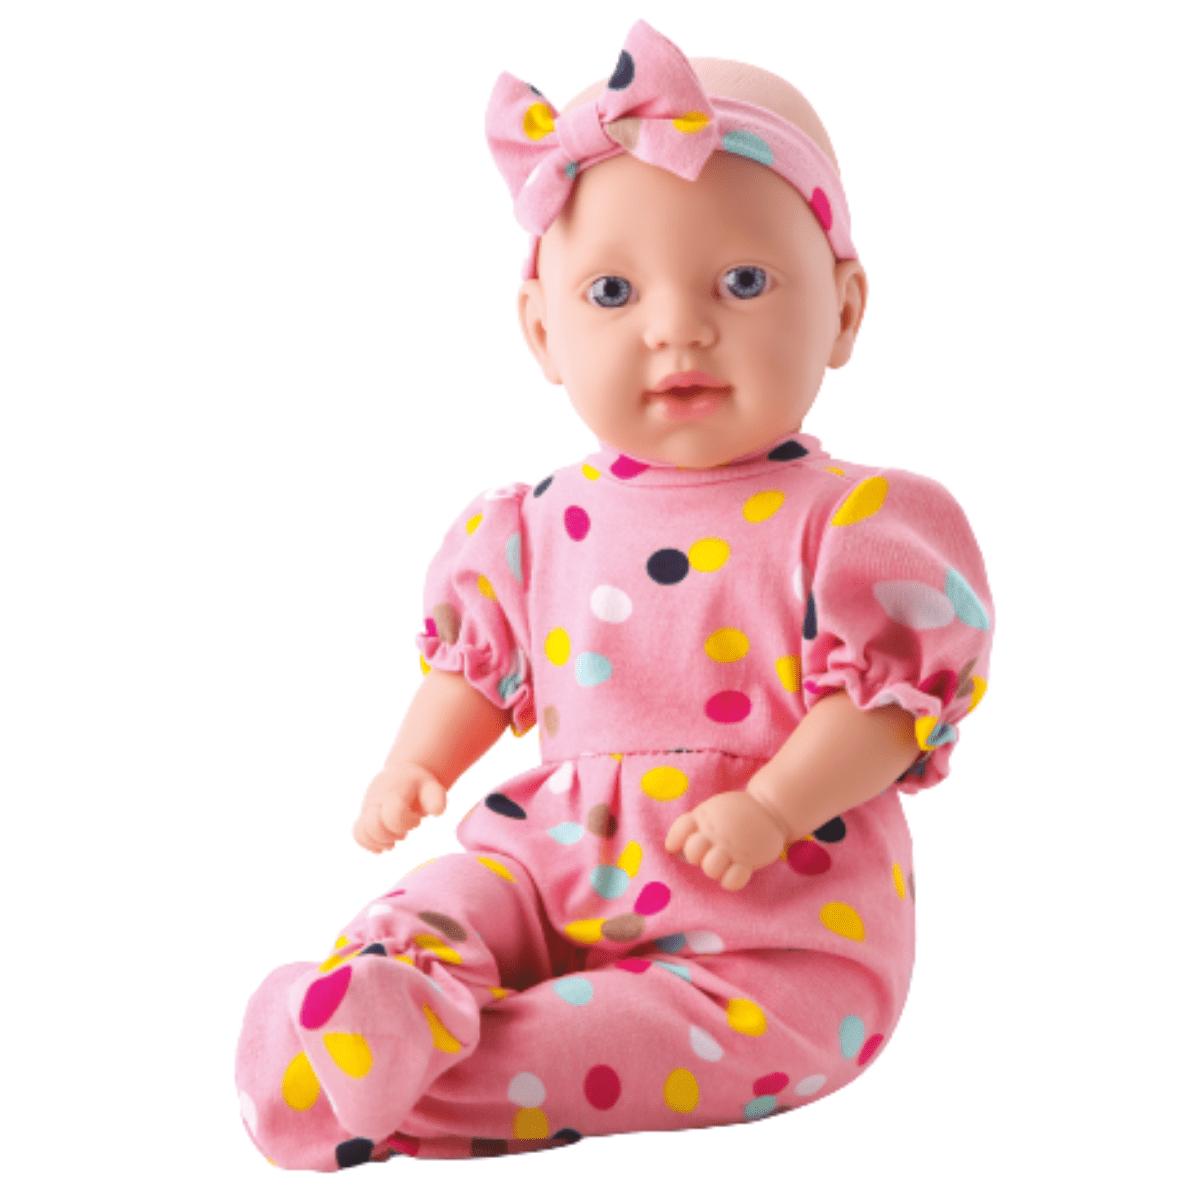 Boneca Bebe Mila Faz Xixi - Bambola